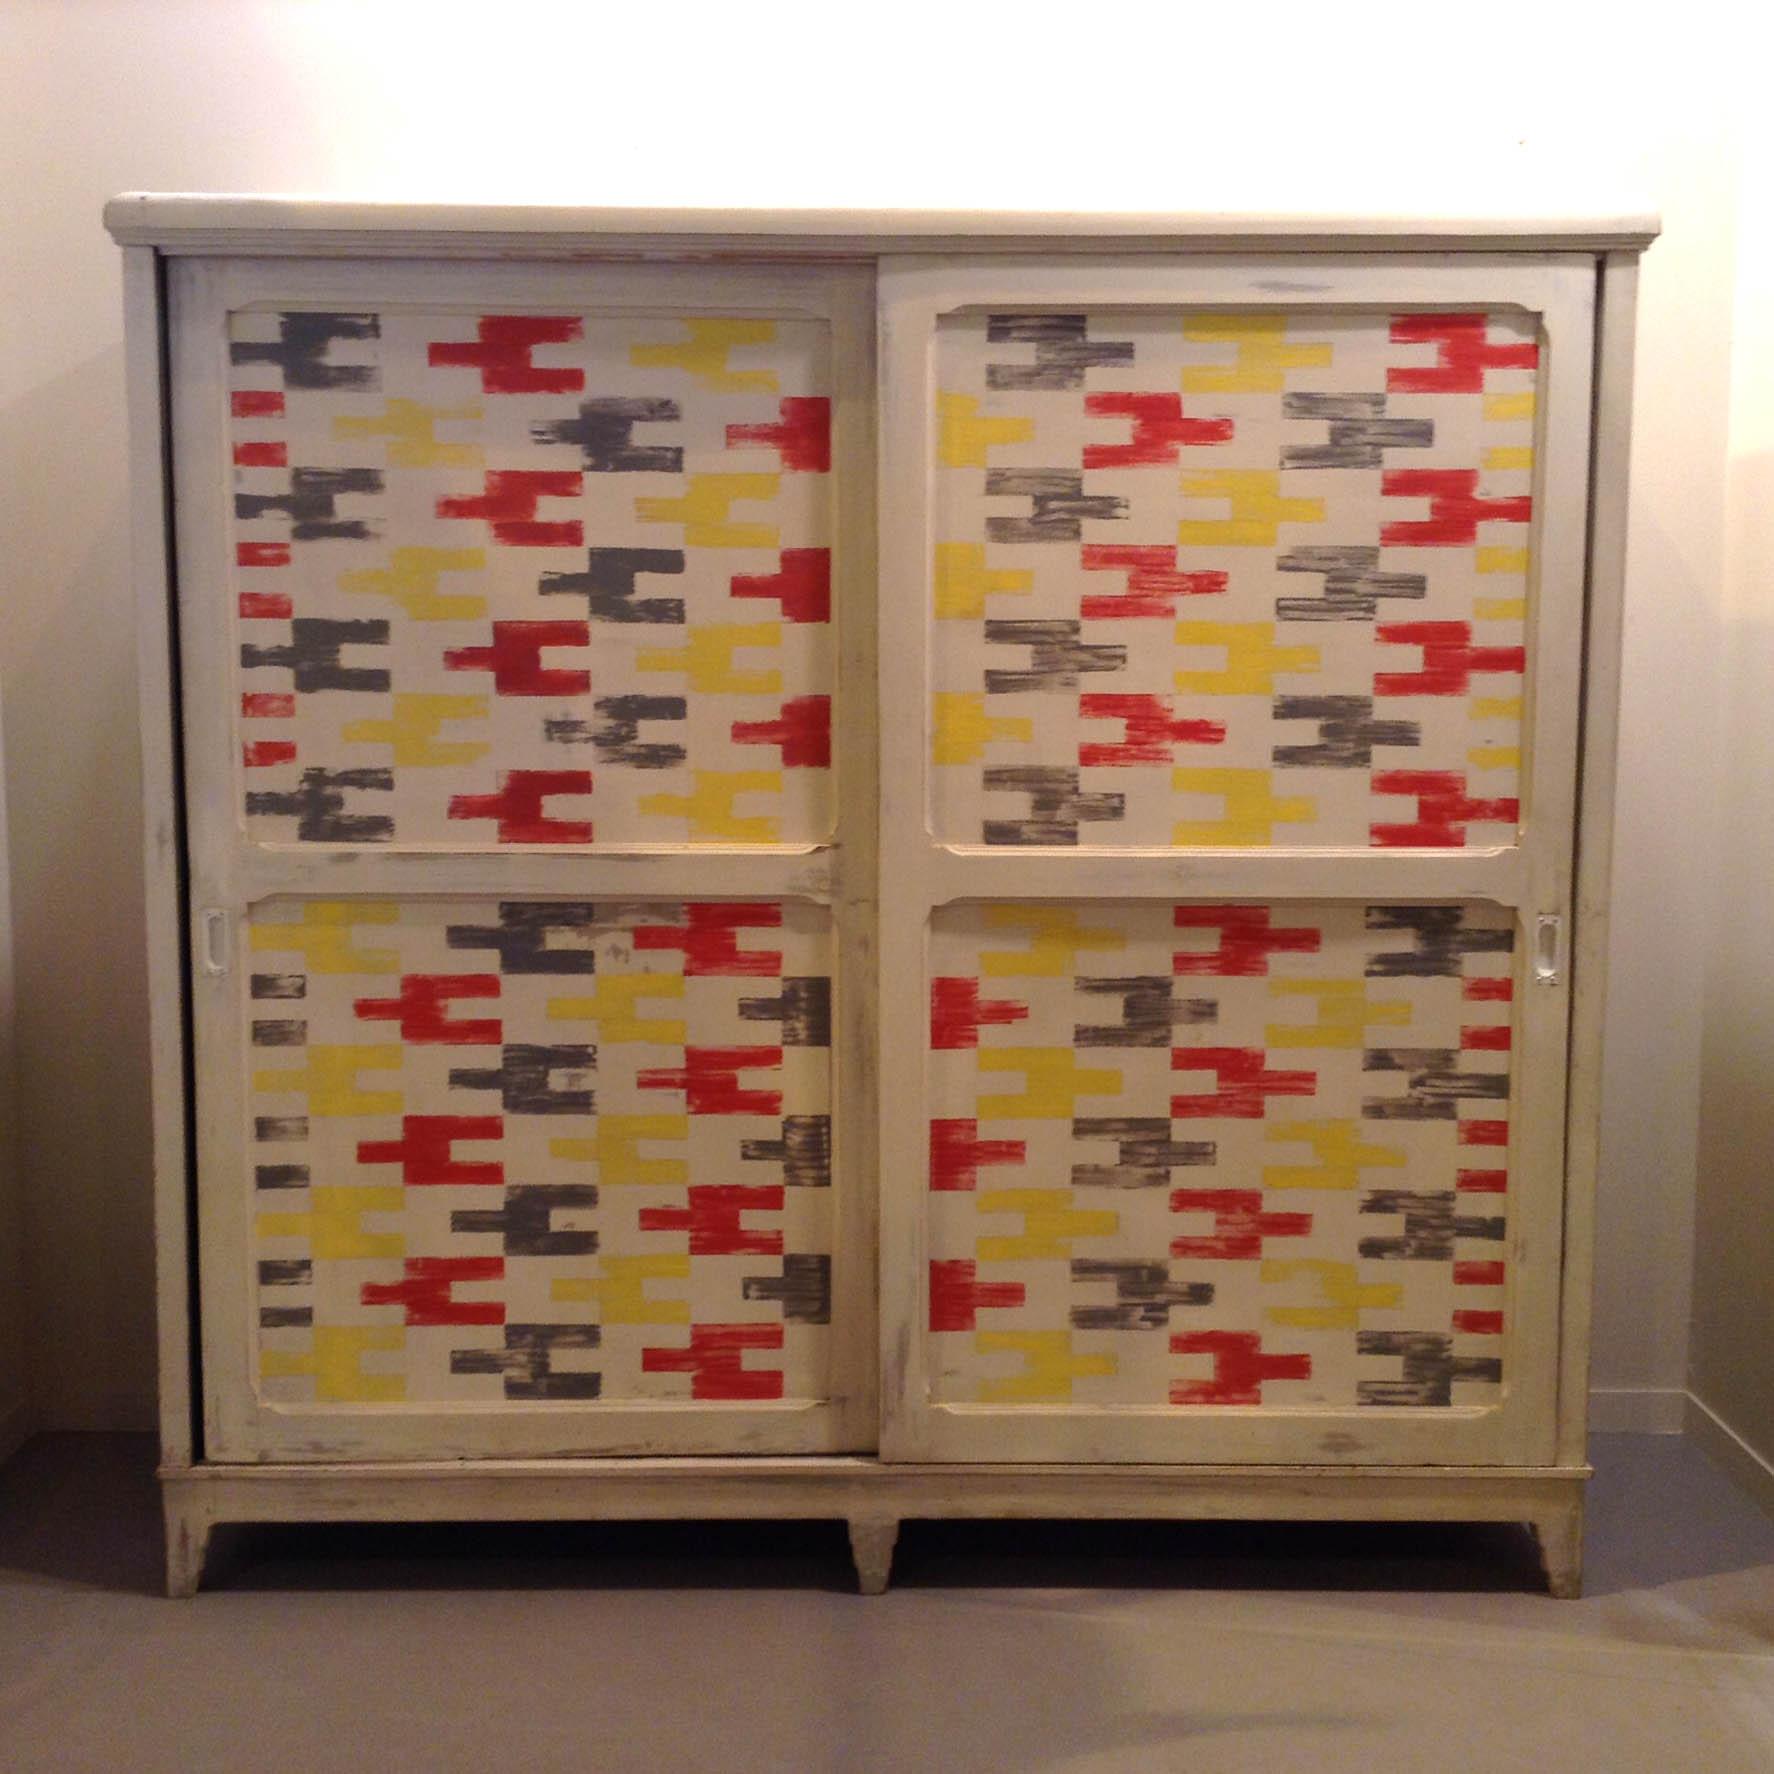 2 armario antiguo puertas correderas blanco gris colores rojo amarillo baldas estantes fondo grande vintage estilo estampado geometrico industrial 1